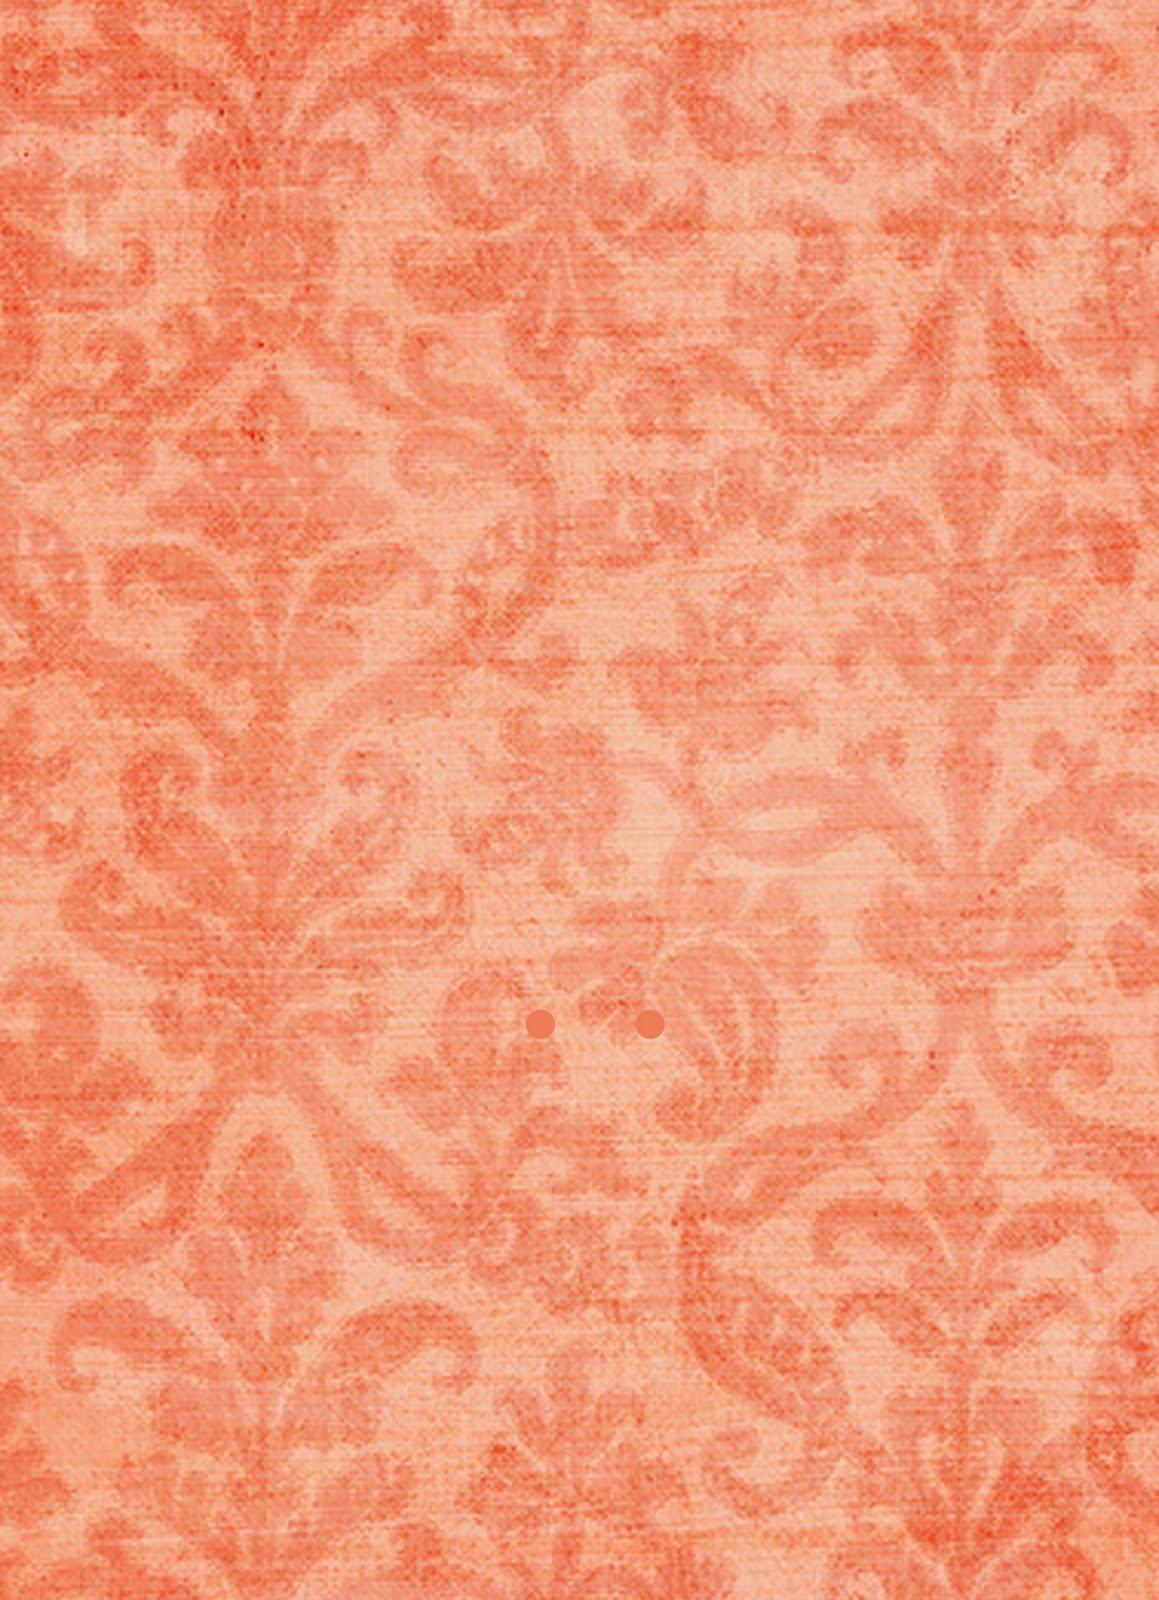 http://4.bp.blogspot.com/-JNJys0CzEcE/TlFqUpEaxwI/AAAAAAAAERY/ImxduocraHM/s1600/kelseyback.jpg